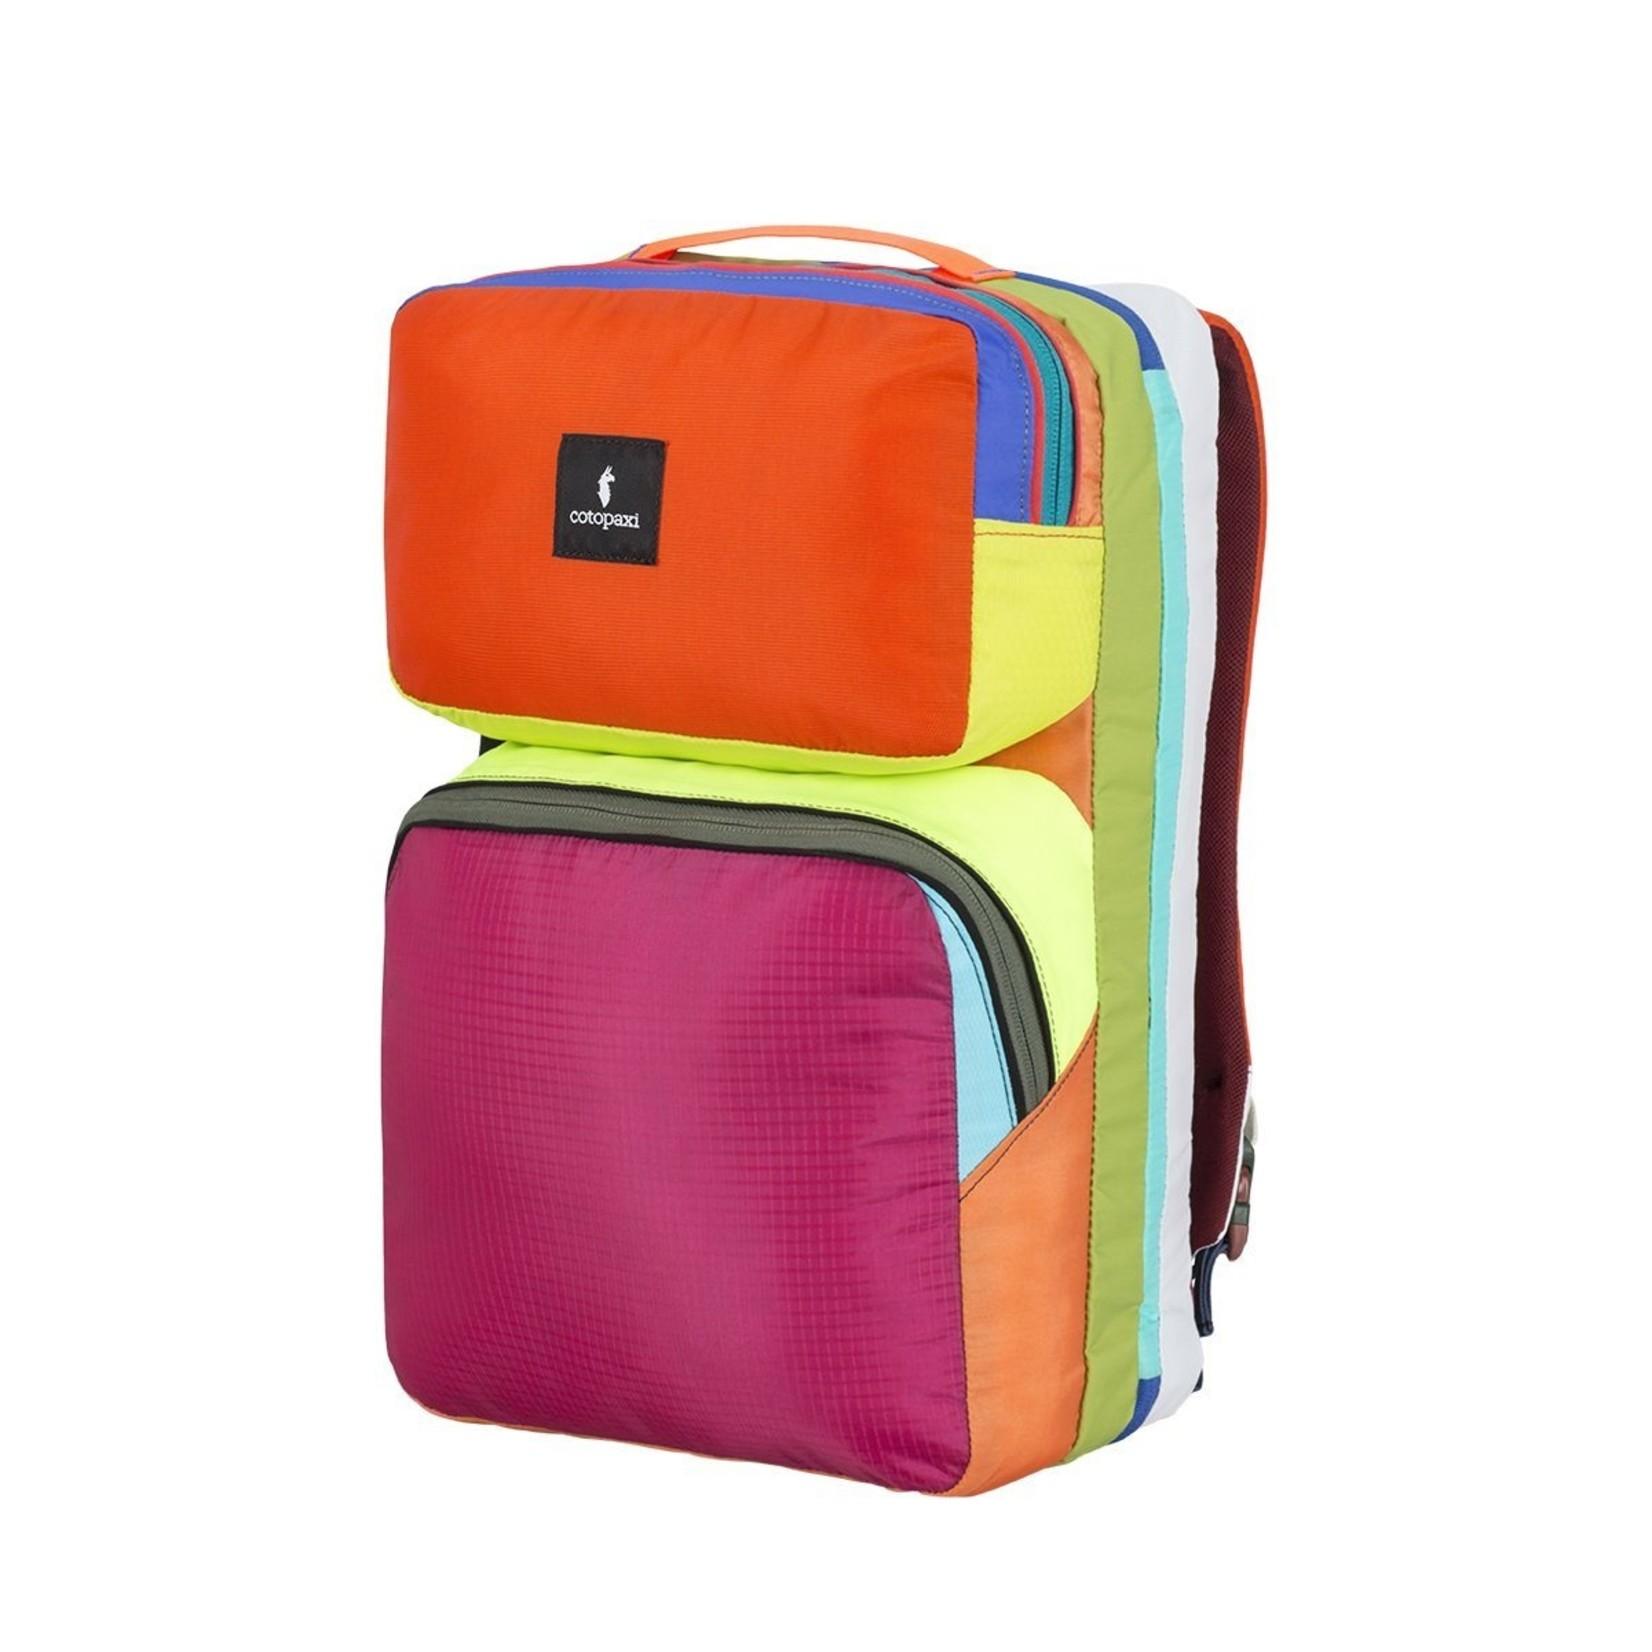 Cotopaxi Cotopaxi Tasra 16L Backpack - Del Dia